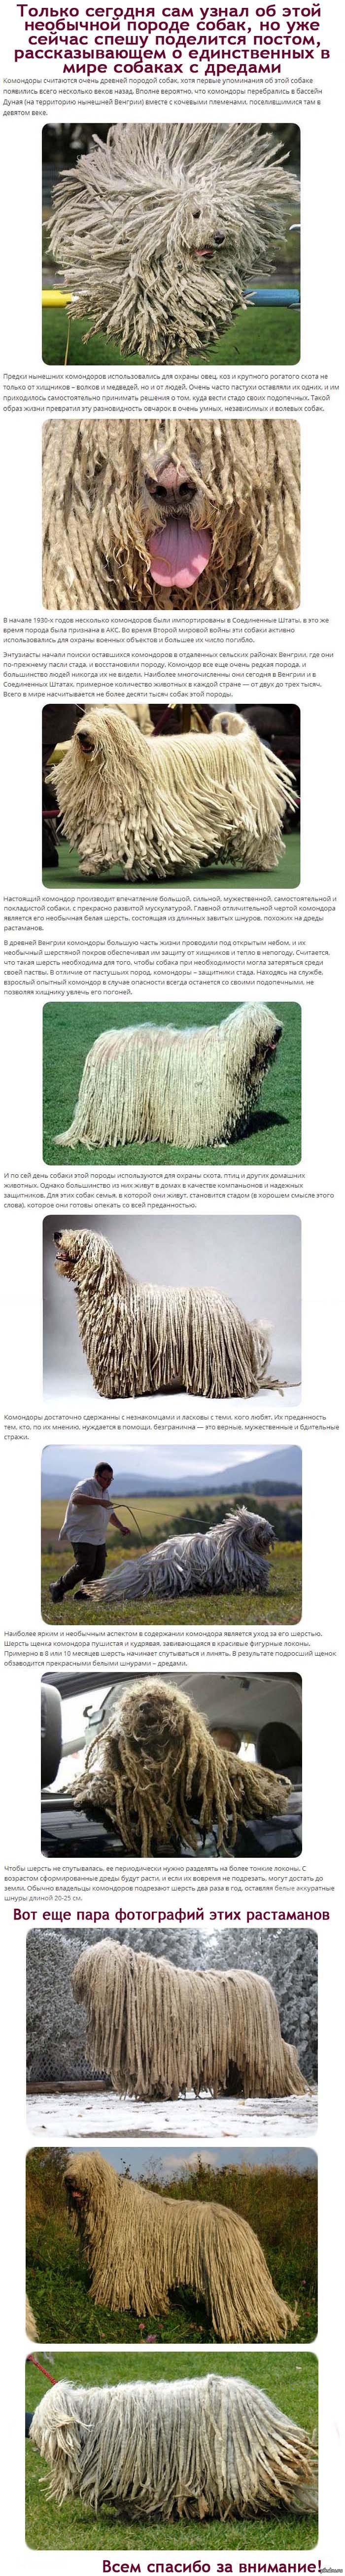 Командор - собака, которая носит дреды